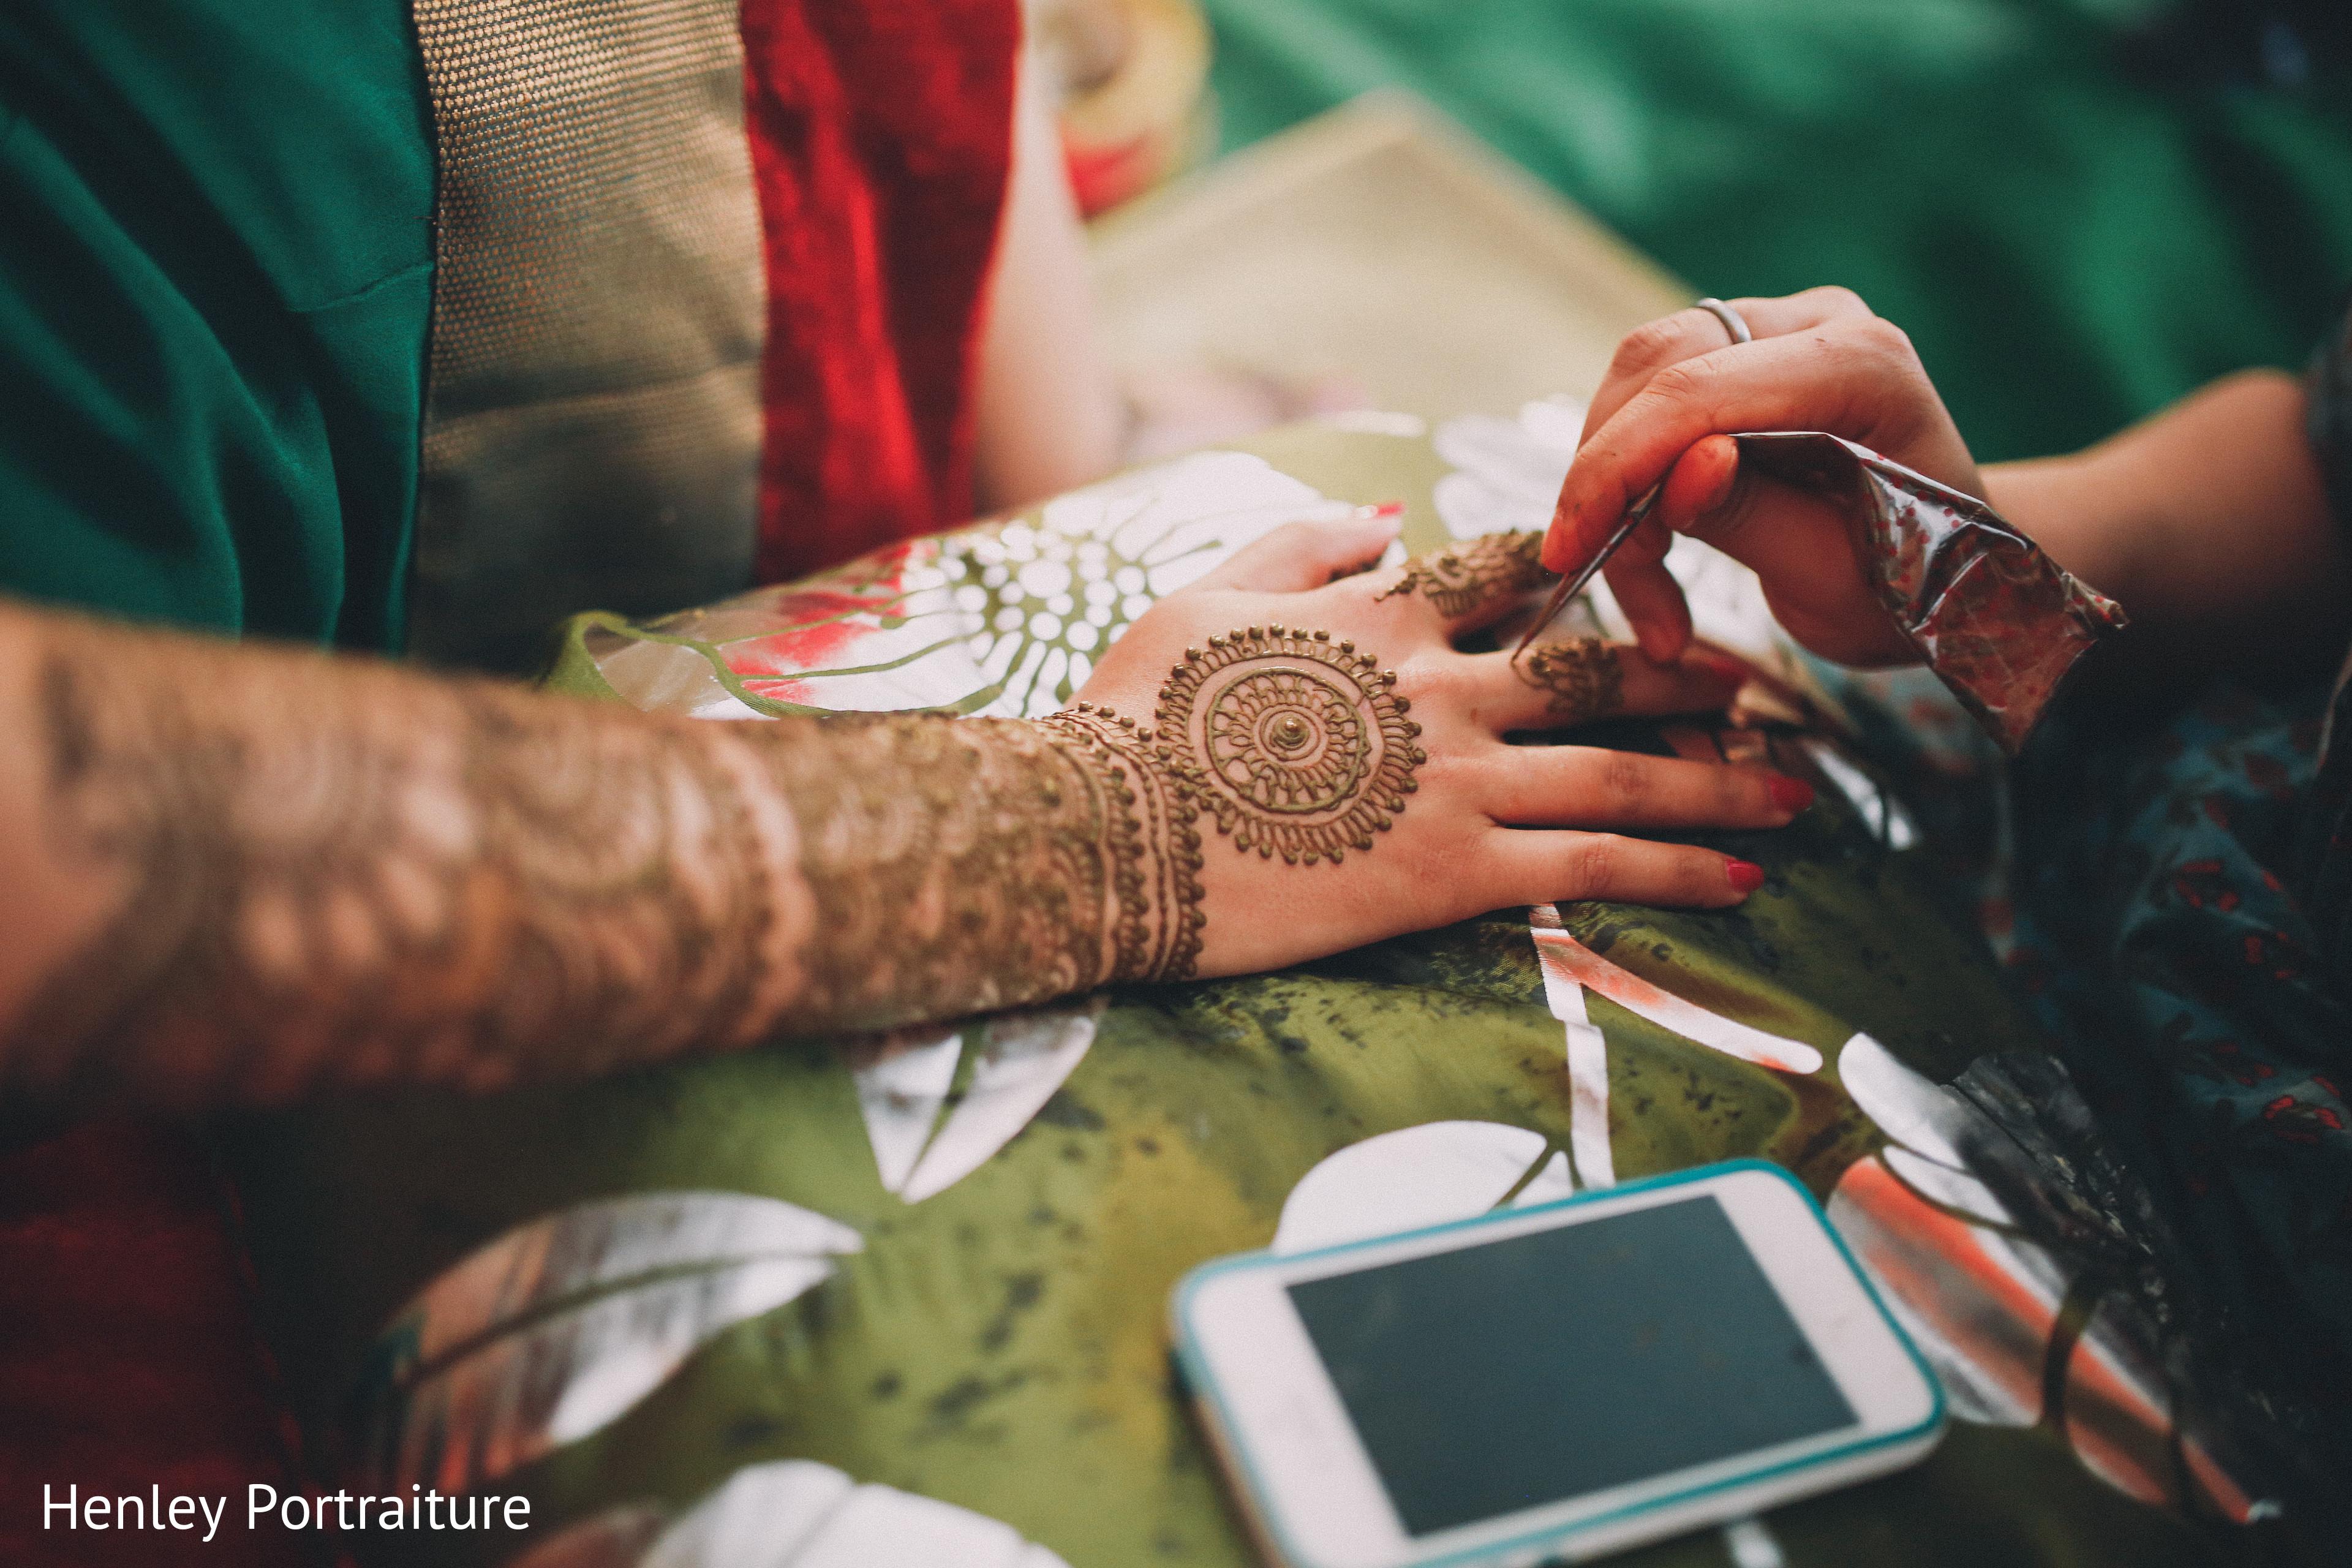 Maharani fashions edison nj 86